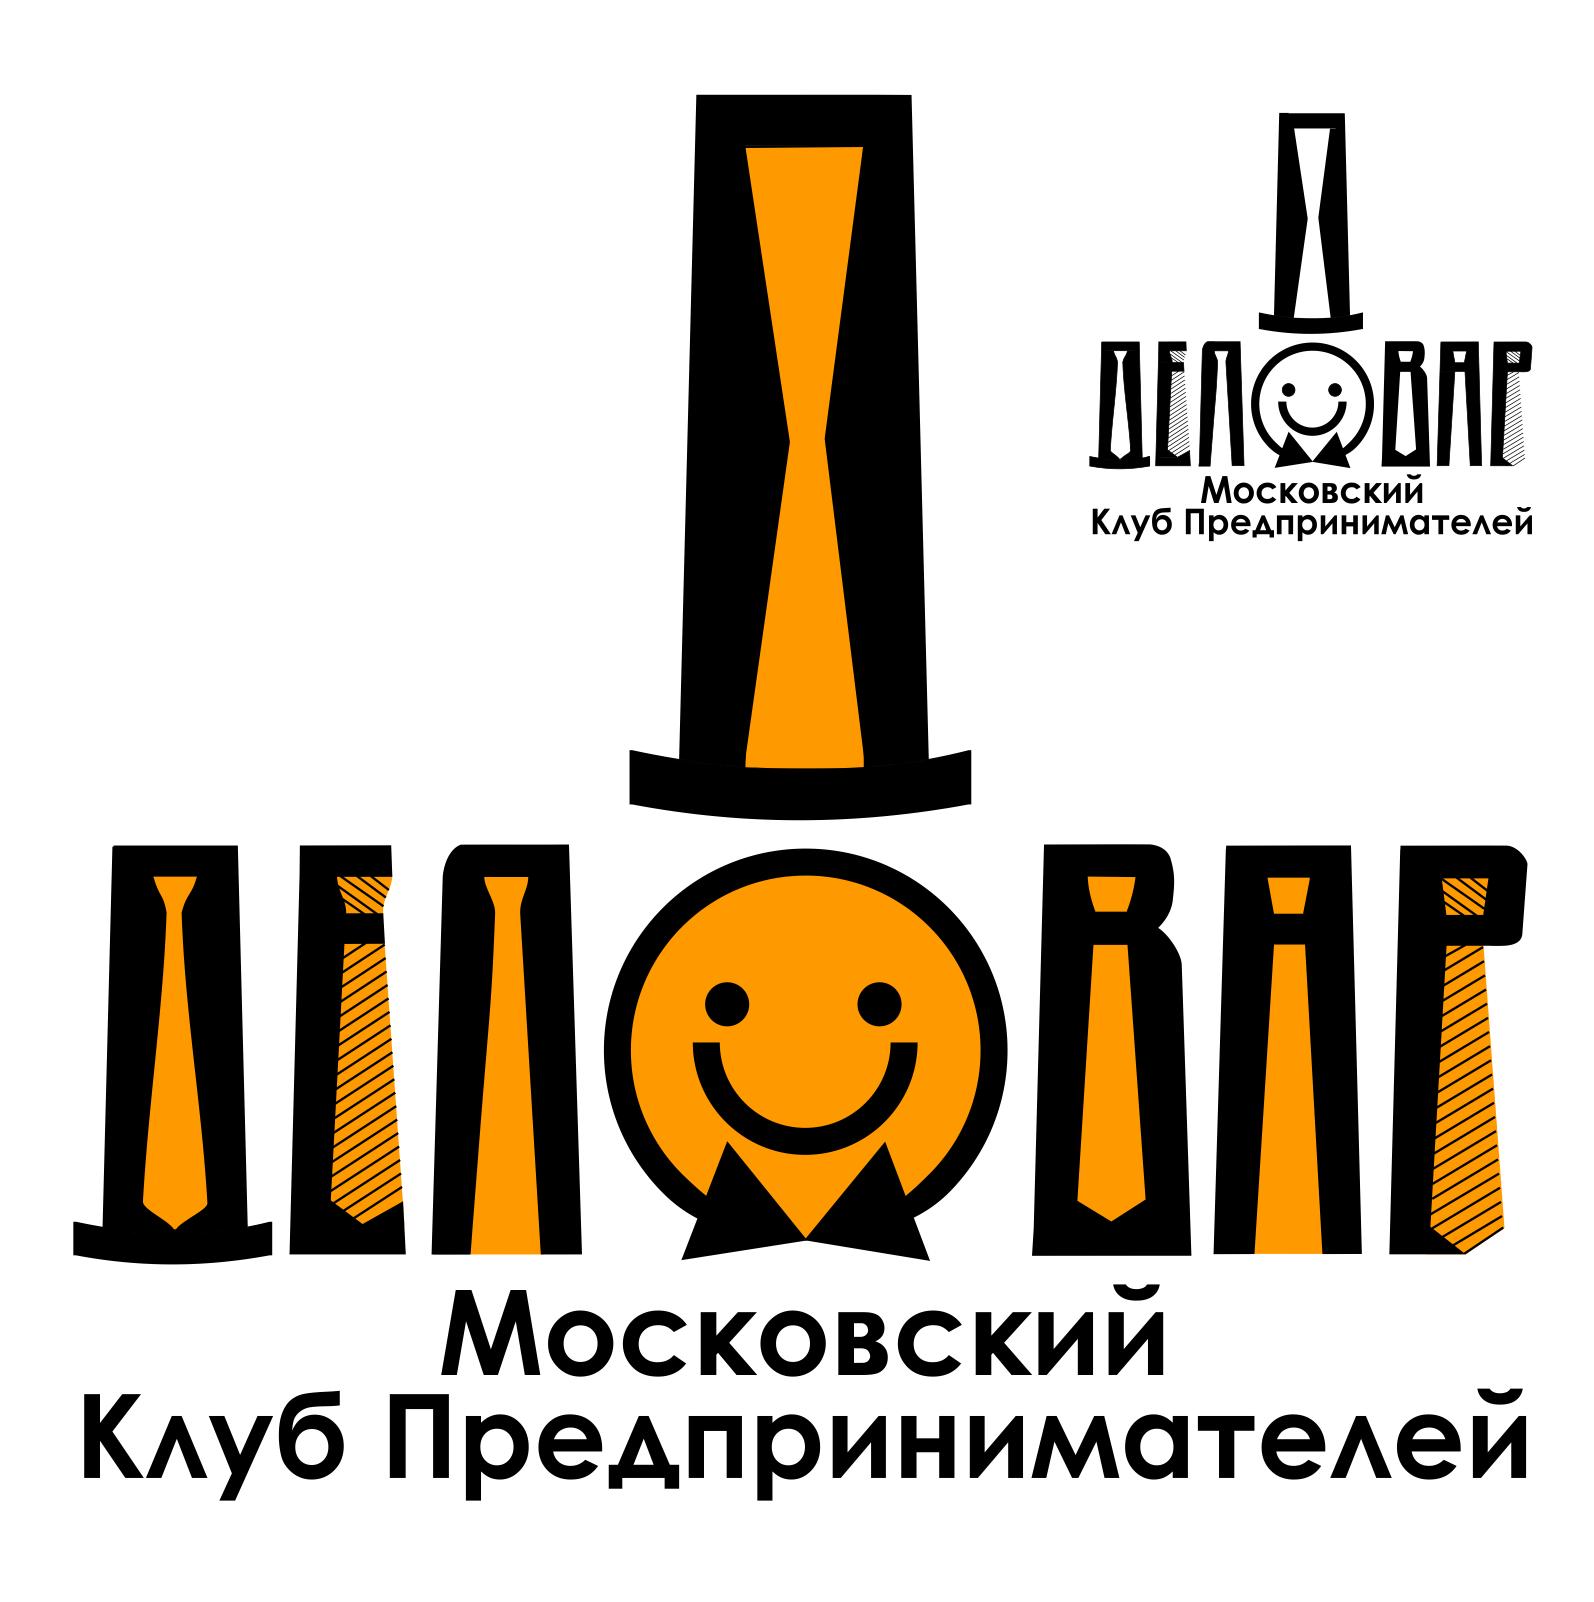 """Логотип и фирм. стиль для Клуба предпринимателей """"Деловар"""" фото f_5048c0e33bb67.png"""